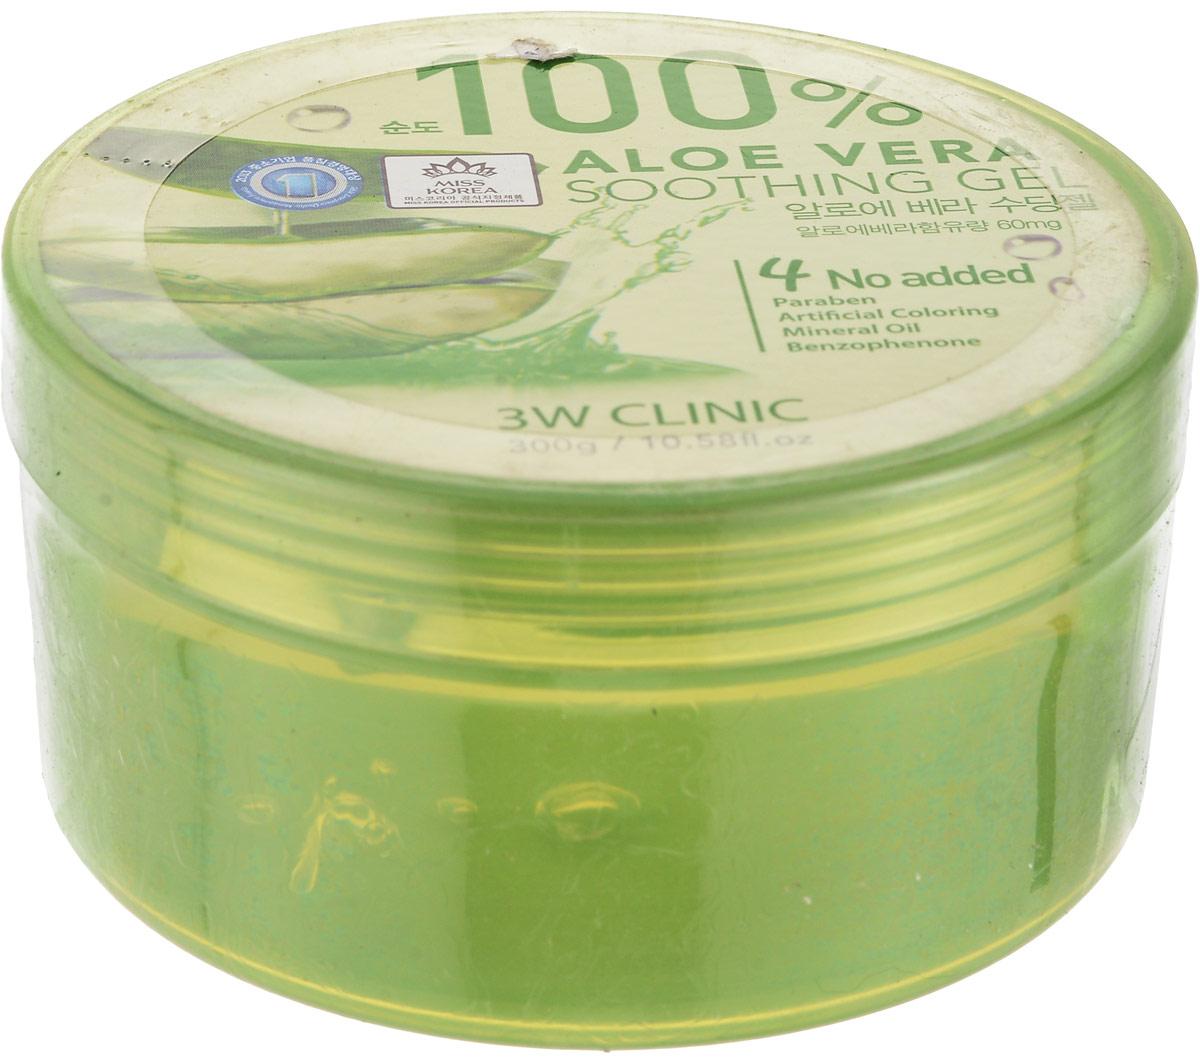 3W Clinic Гель универсальный Aloe Vera Soothing Gel 100%, 300 гр575356Многофункциональный успокаивающий гель с экстрактом алоэ 100%Гель наполняет кожу влагой, успокаивает её, снимает раздражения, избавляет от шелушений. Гель с алоэ обладает ранозаживляющим действием, благотворно влияет на кожу и оздоравливает ее на клеточном уровне. Гель с алоэ рекомендован для использования после агрессивного воздействия солнечных лучей на кожу, а также для уменьшения болевые ощущения после укусов насекомых.Алоэ создает на коже незаметный, но очень эффективный барьер, препятствующий проникновению болезнетворных бактерий и грибковых инфекций, а также помогает справиться с уже существующей угревой сыпью. Сок алоэ не закупоривает поры, регулирует работу сальных желез и придает коже здоровую матовость.